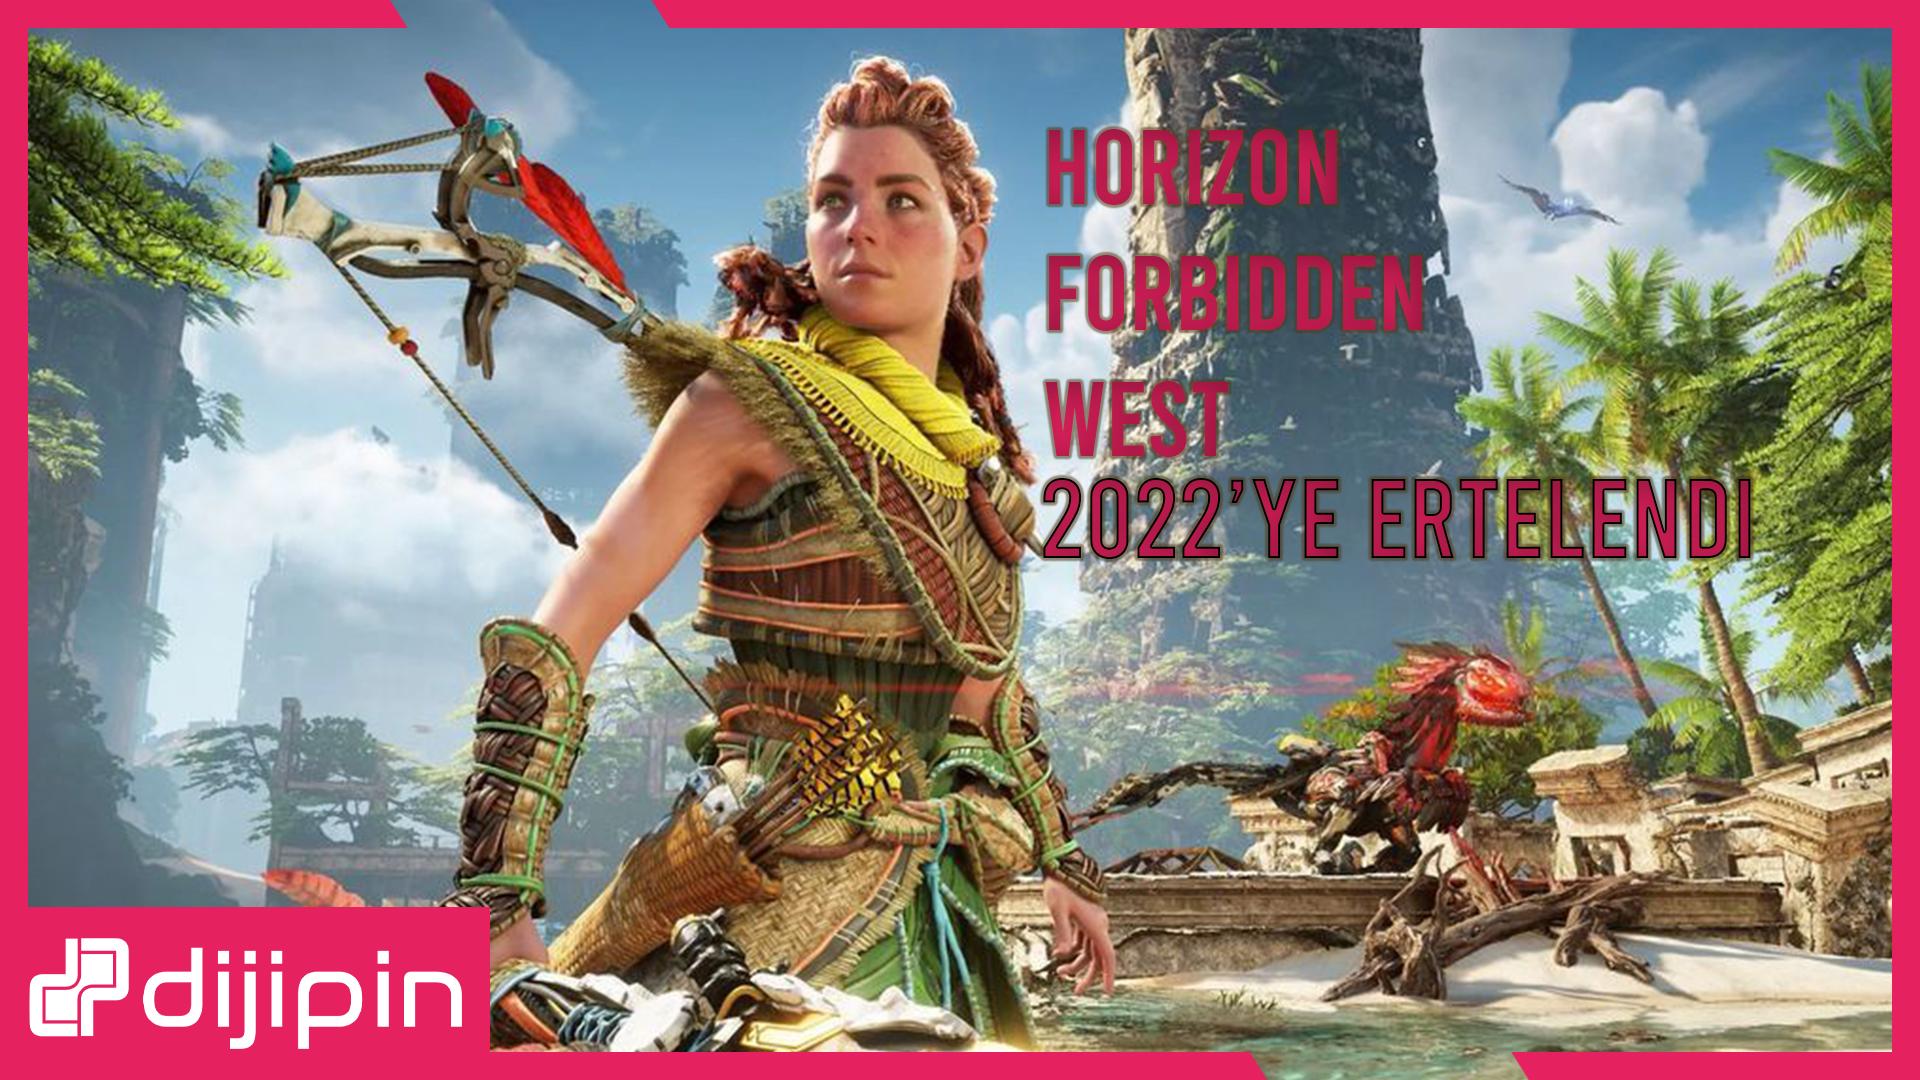 Horizon Forbidden West 2022'ye Ertelendi